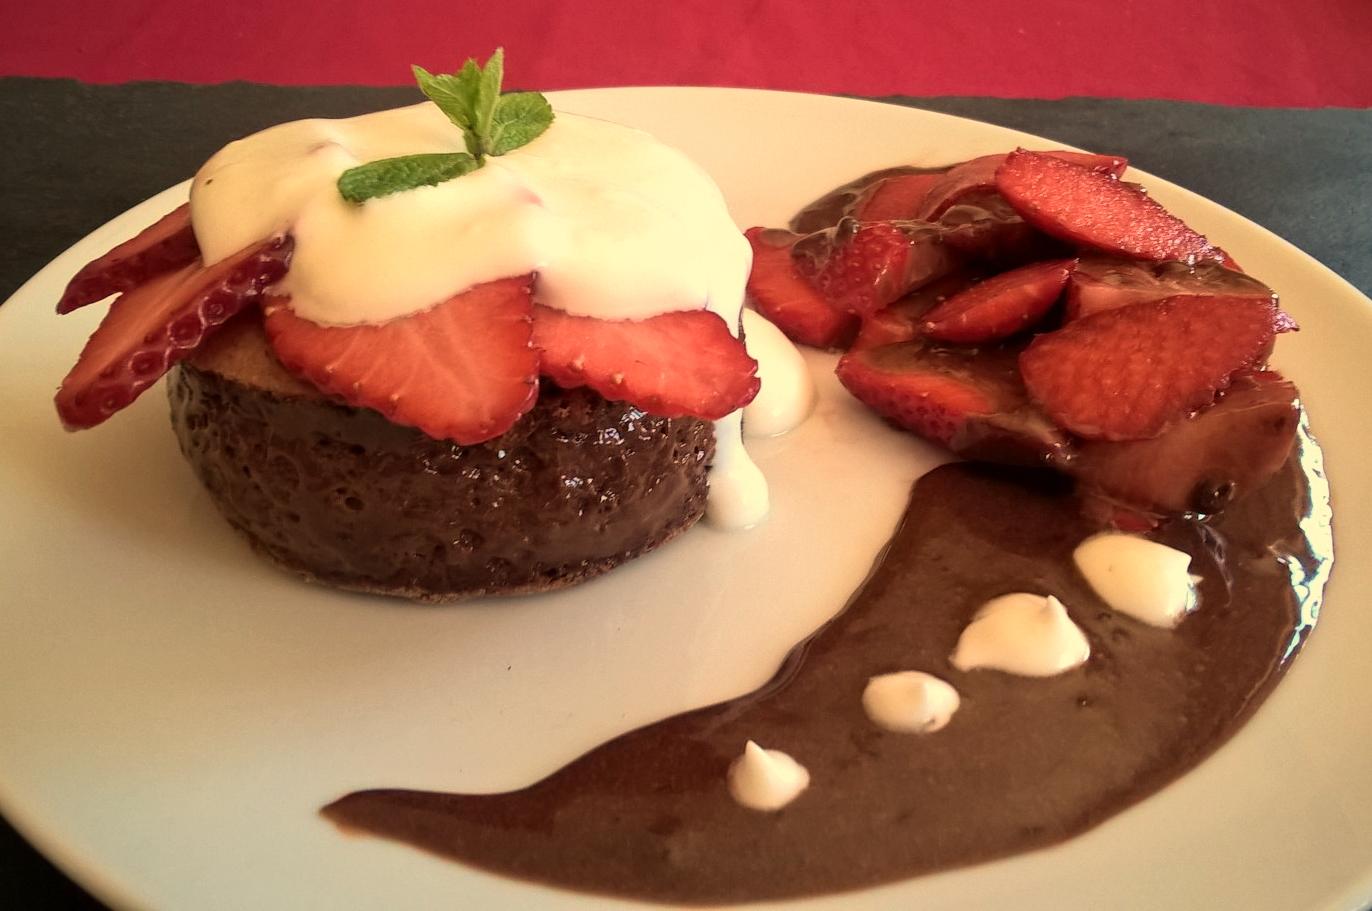 Bolo de chocolate recheado de mousse de chocolate com natas batidas e morangos